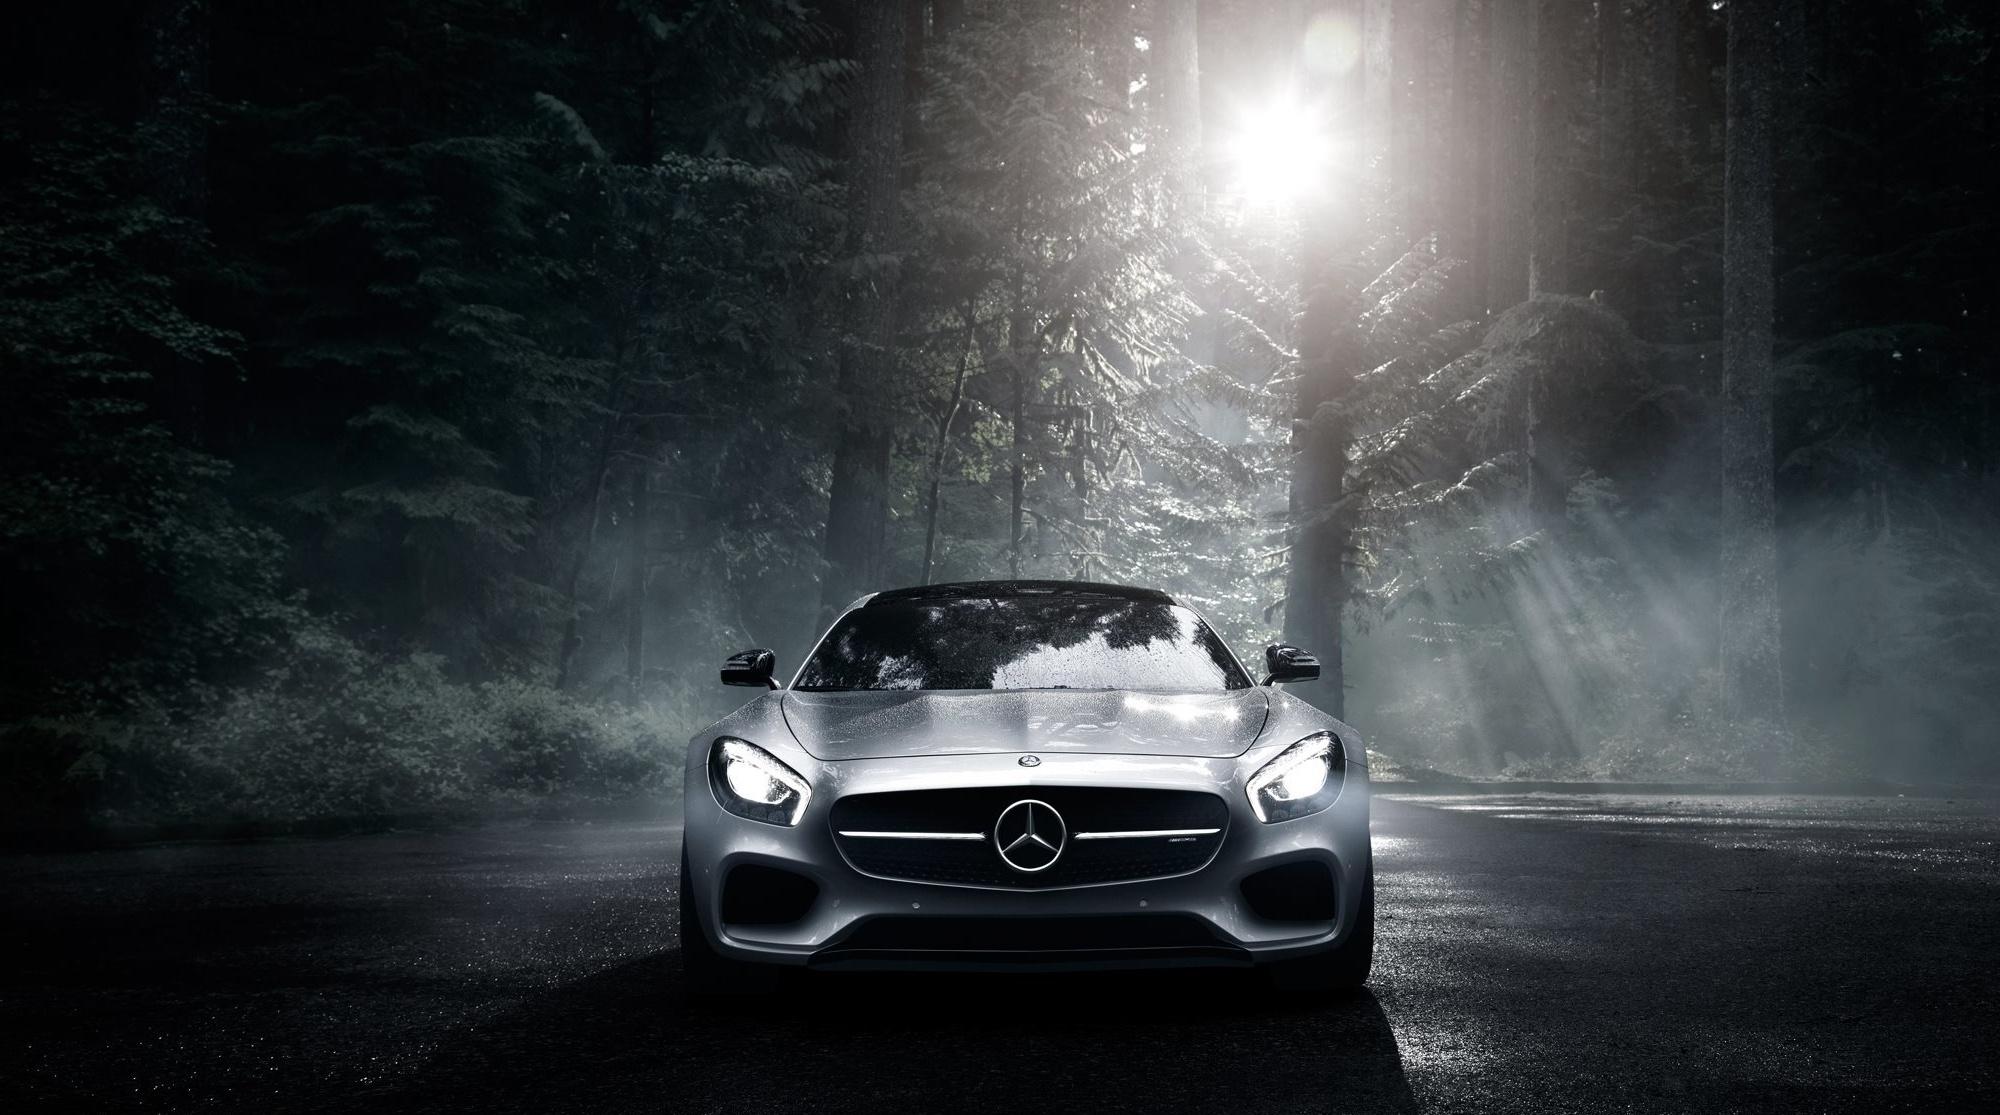 61087 Заставки и Обои Вид Спереди на телефон. Скачать Mercedes-Benz, Вид Спереди, Тачки (Cars), Лес, Серебристый, Mercedes-Amg картинки бесплатно